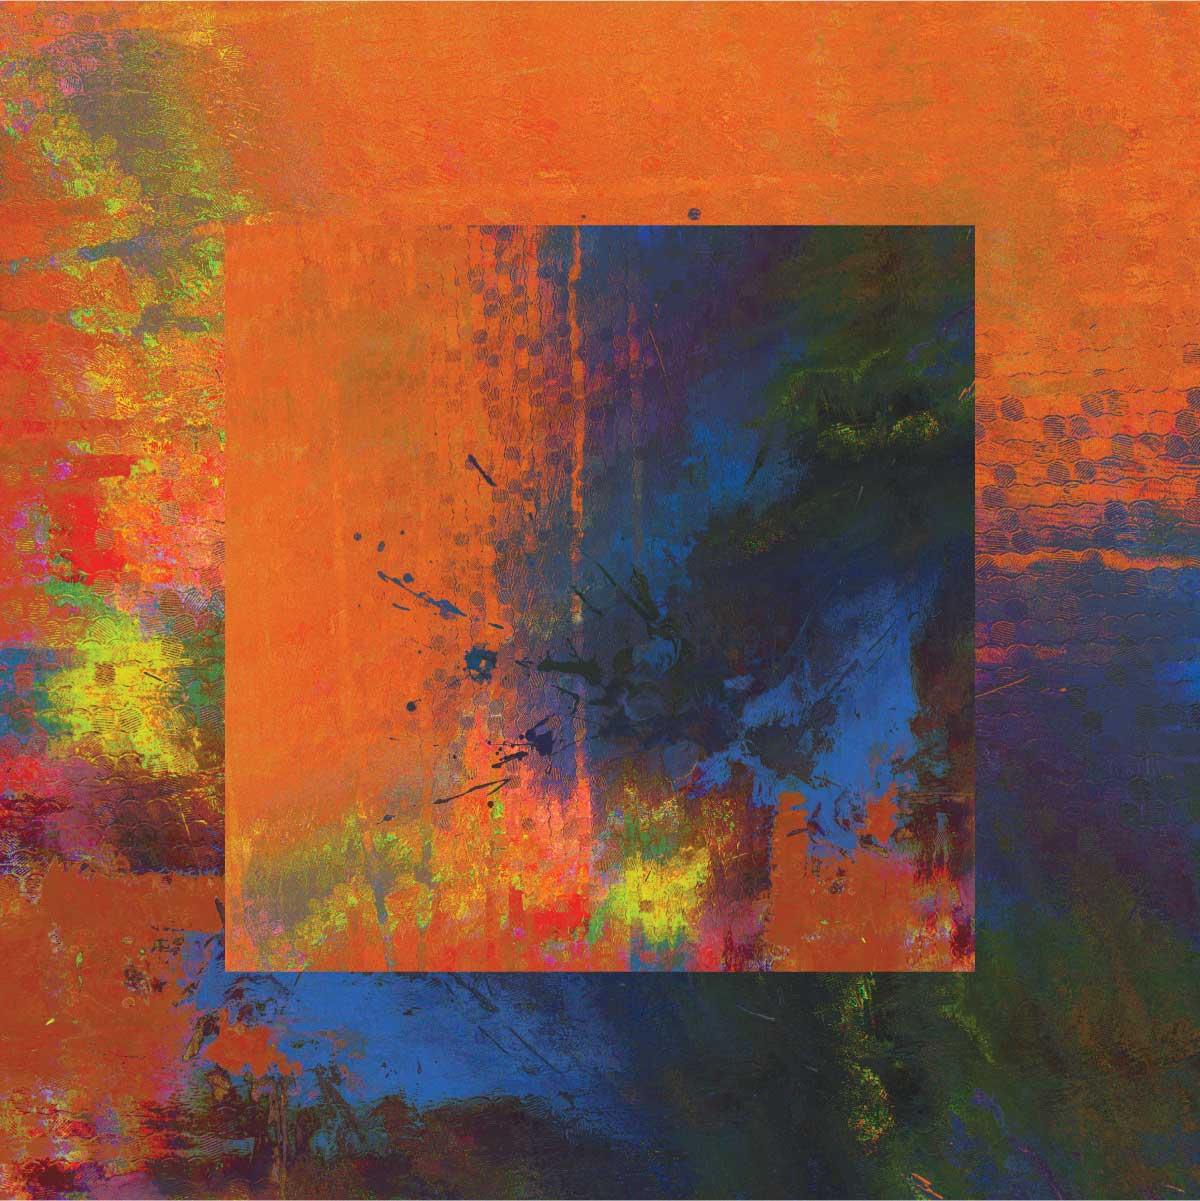 s-glitch_06-14_acrylic-06